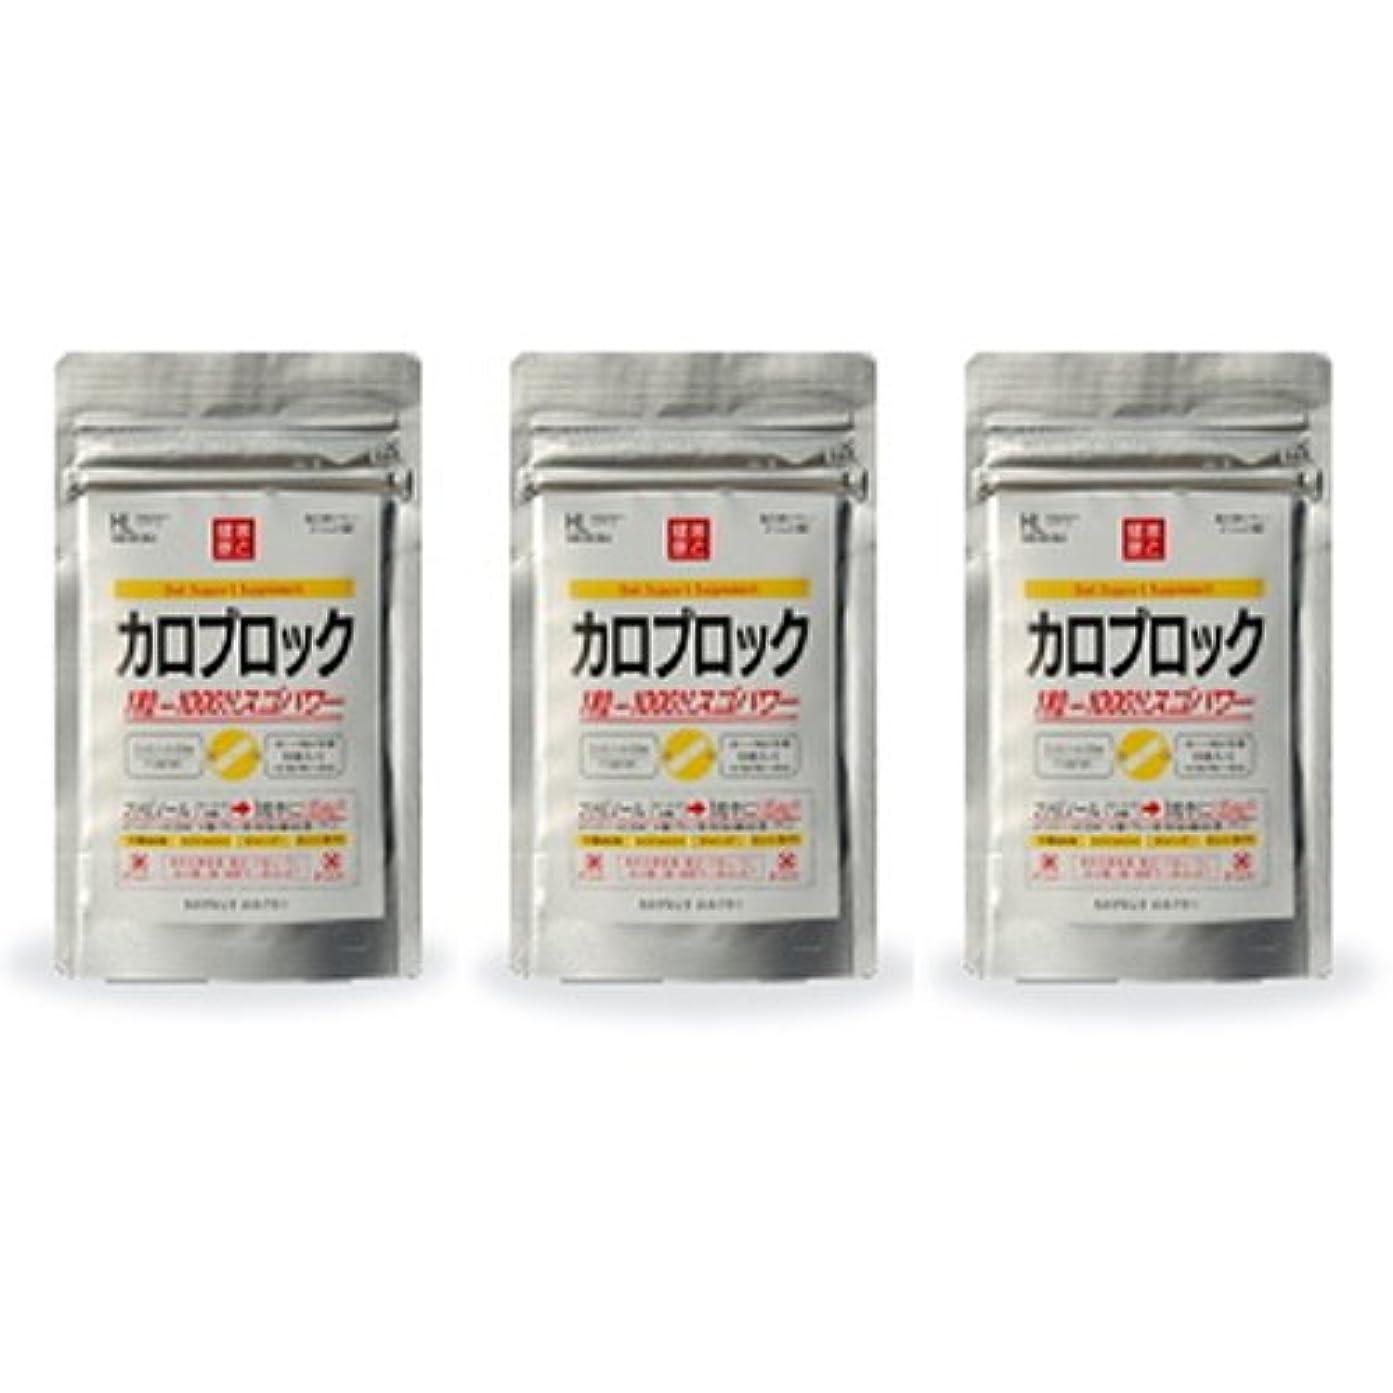 ブラウズボリューム盟主カロブロックスゴパワー 3個セット(白いんげん豆配合ダイエットサプリ)